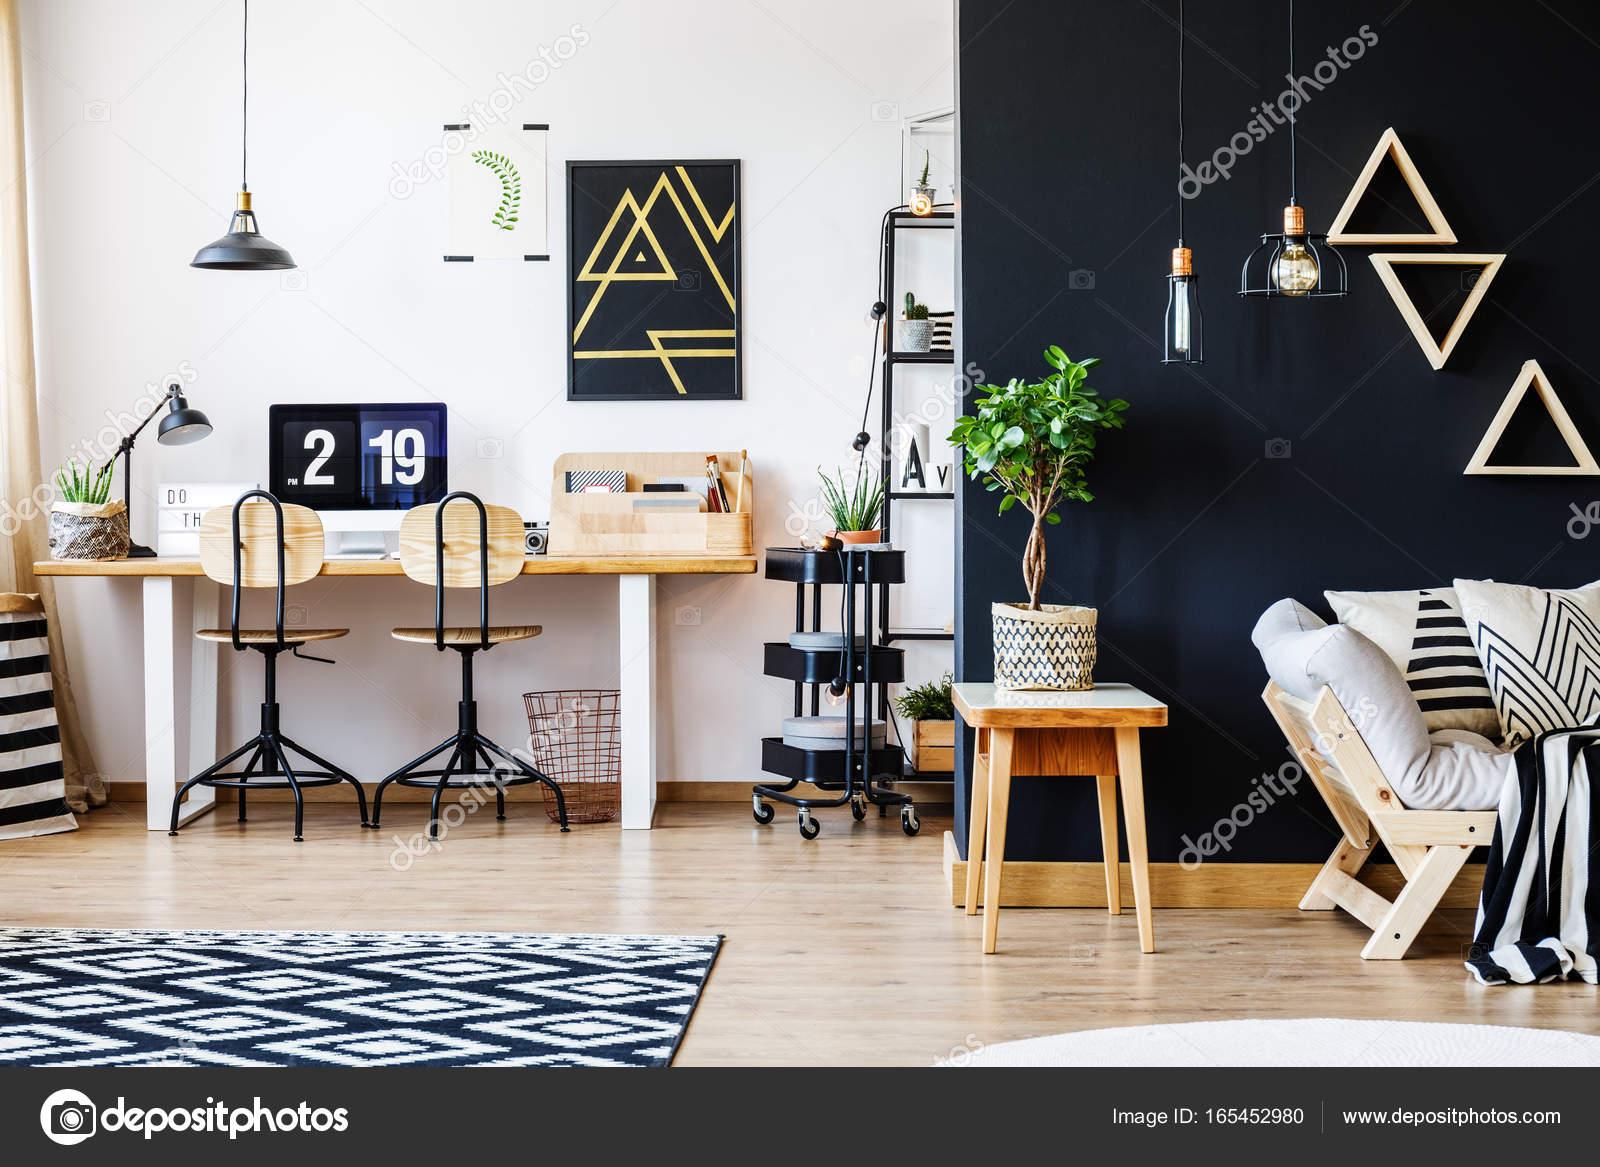 Zwart Wit Appartement : Zwart wit scandinavische appartement u2014 stockfoto © photographee.eu